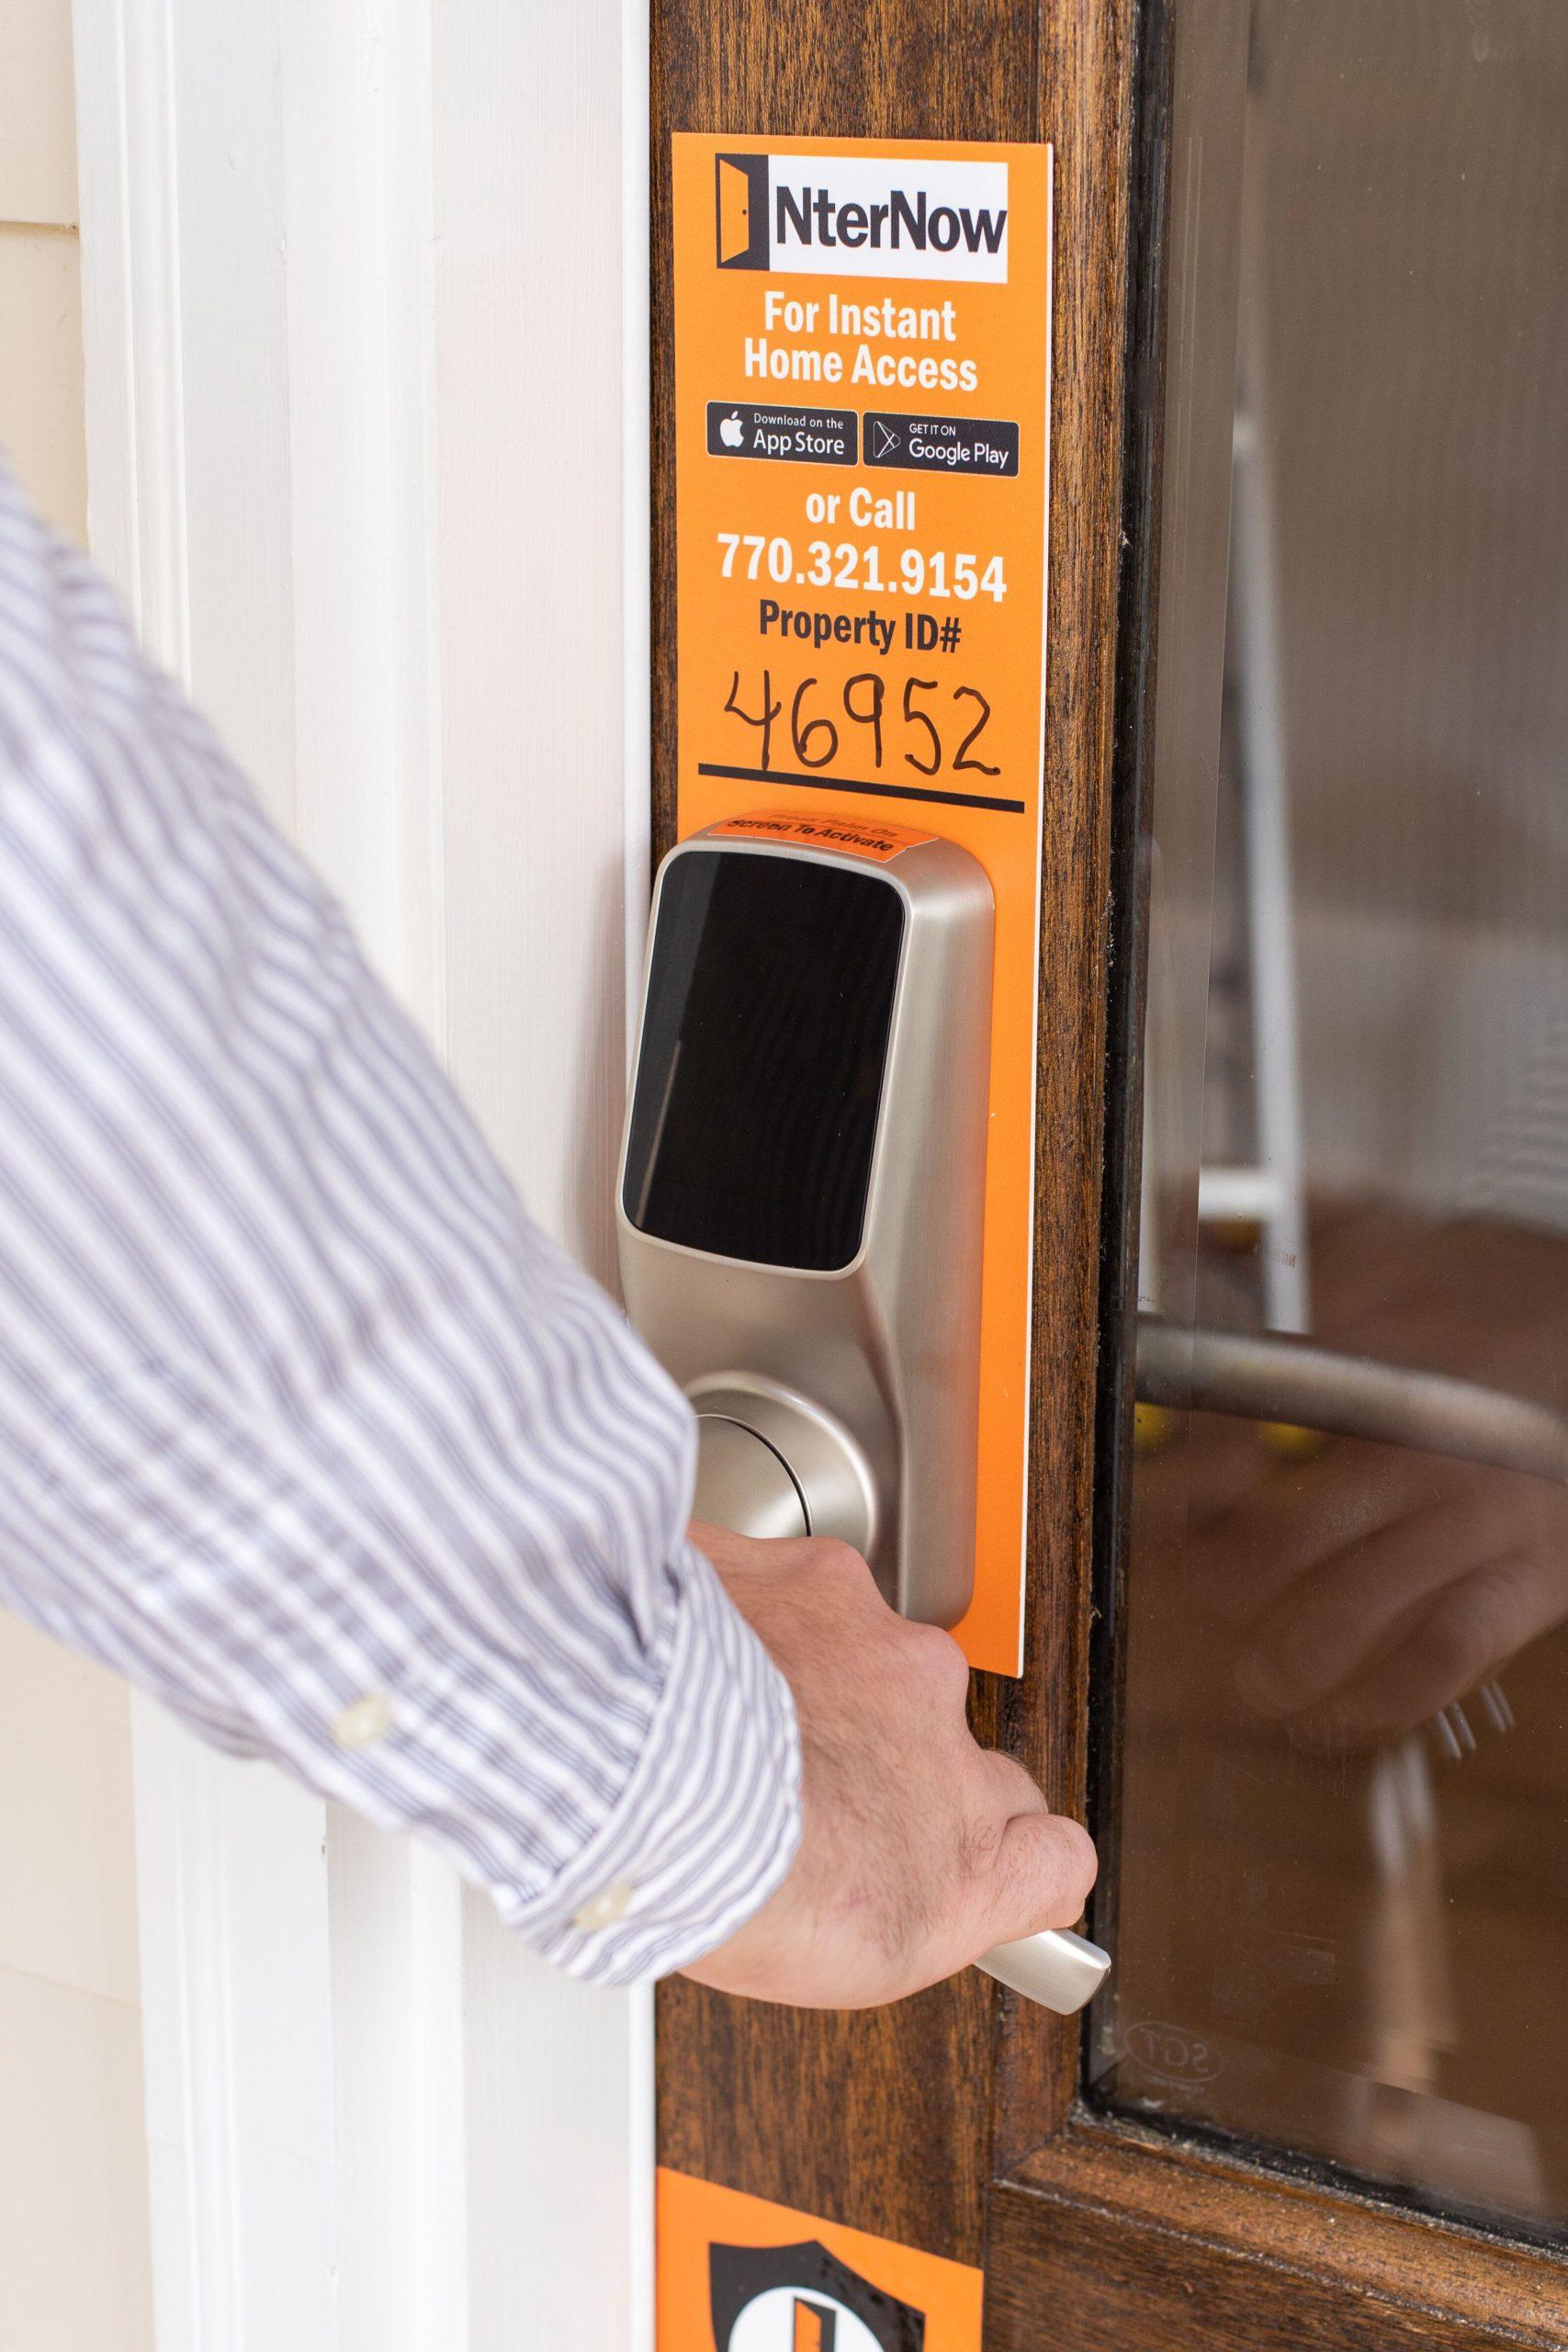 NterNow door lock and instructions